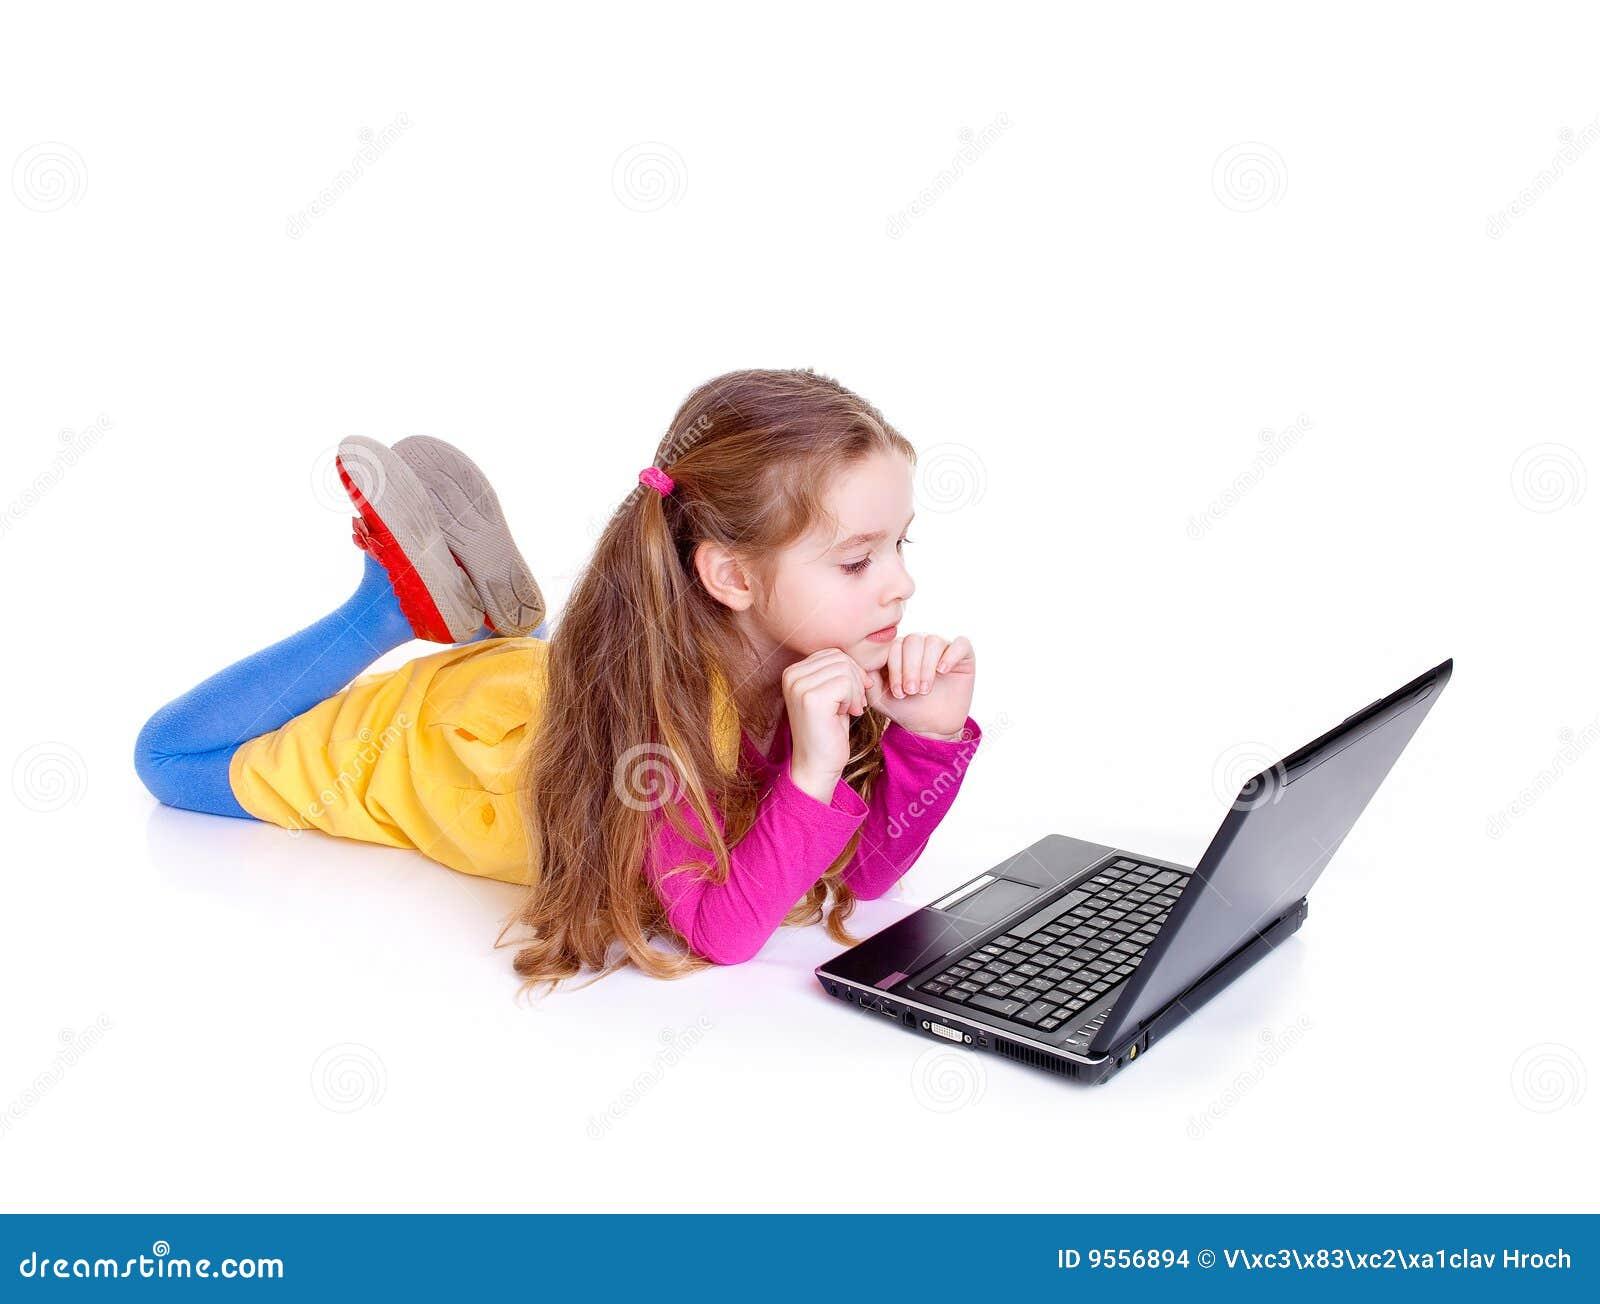 Ноутбук девушка фото